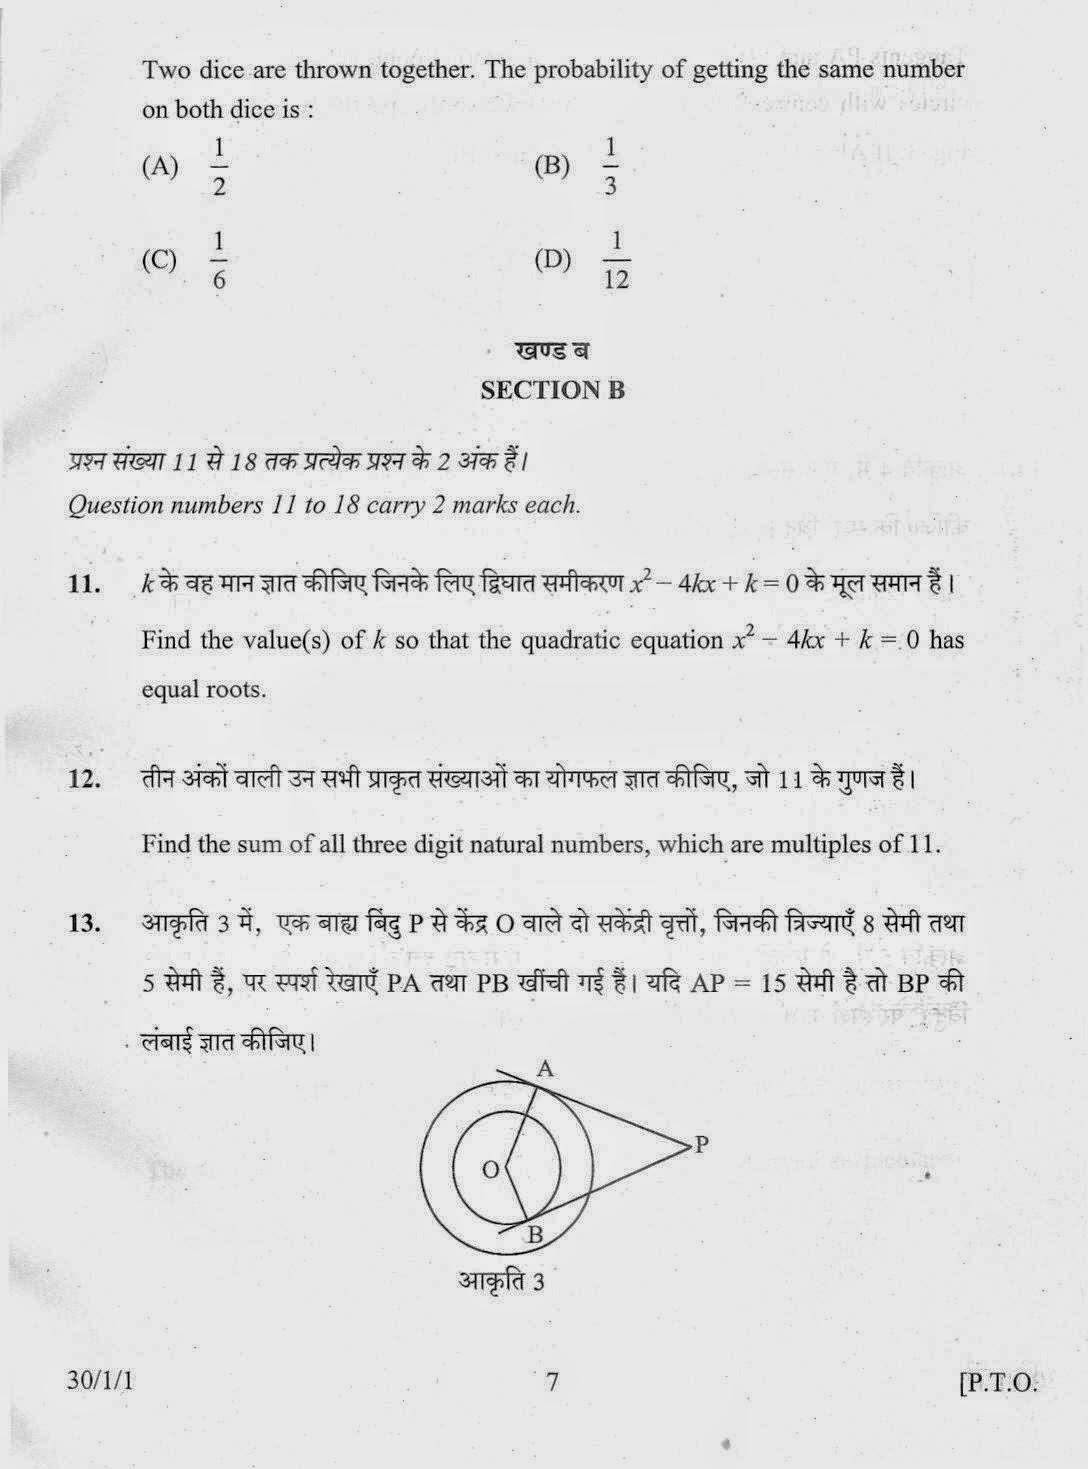 cbse class 10th mathematics question paper 2012 set-2